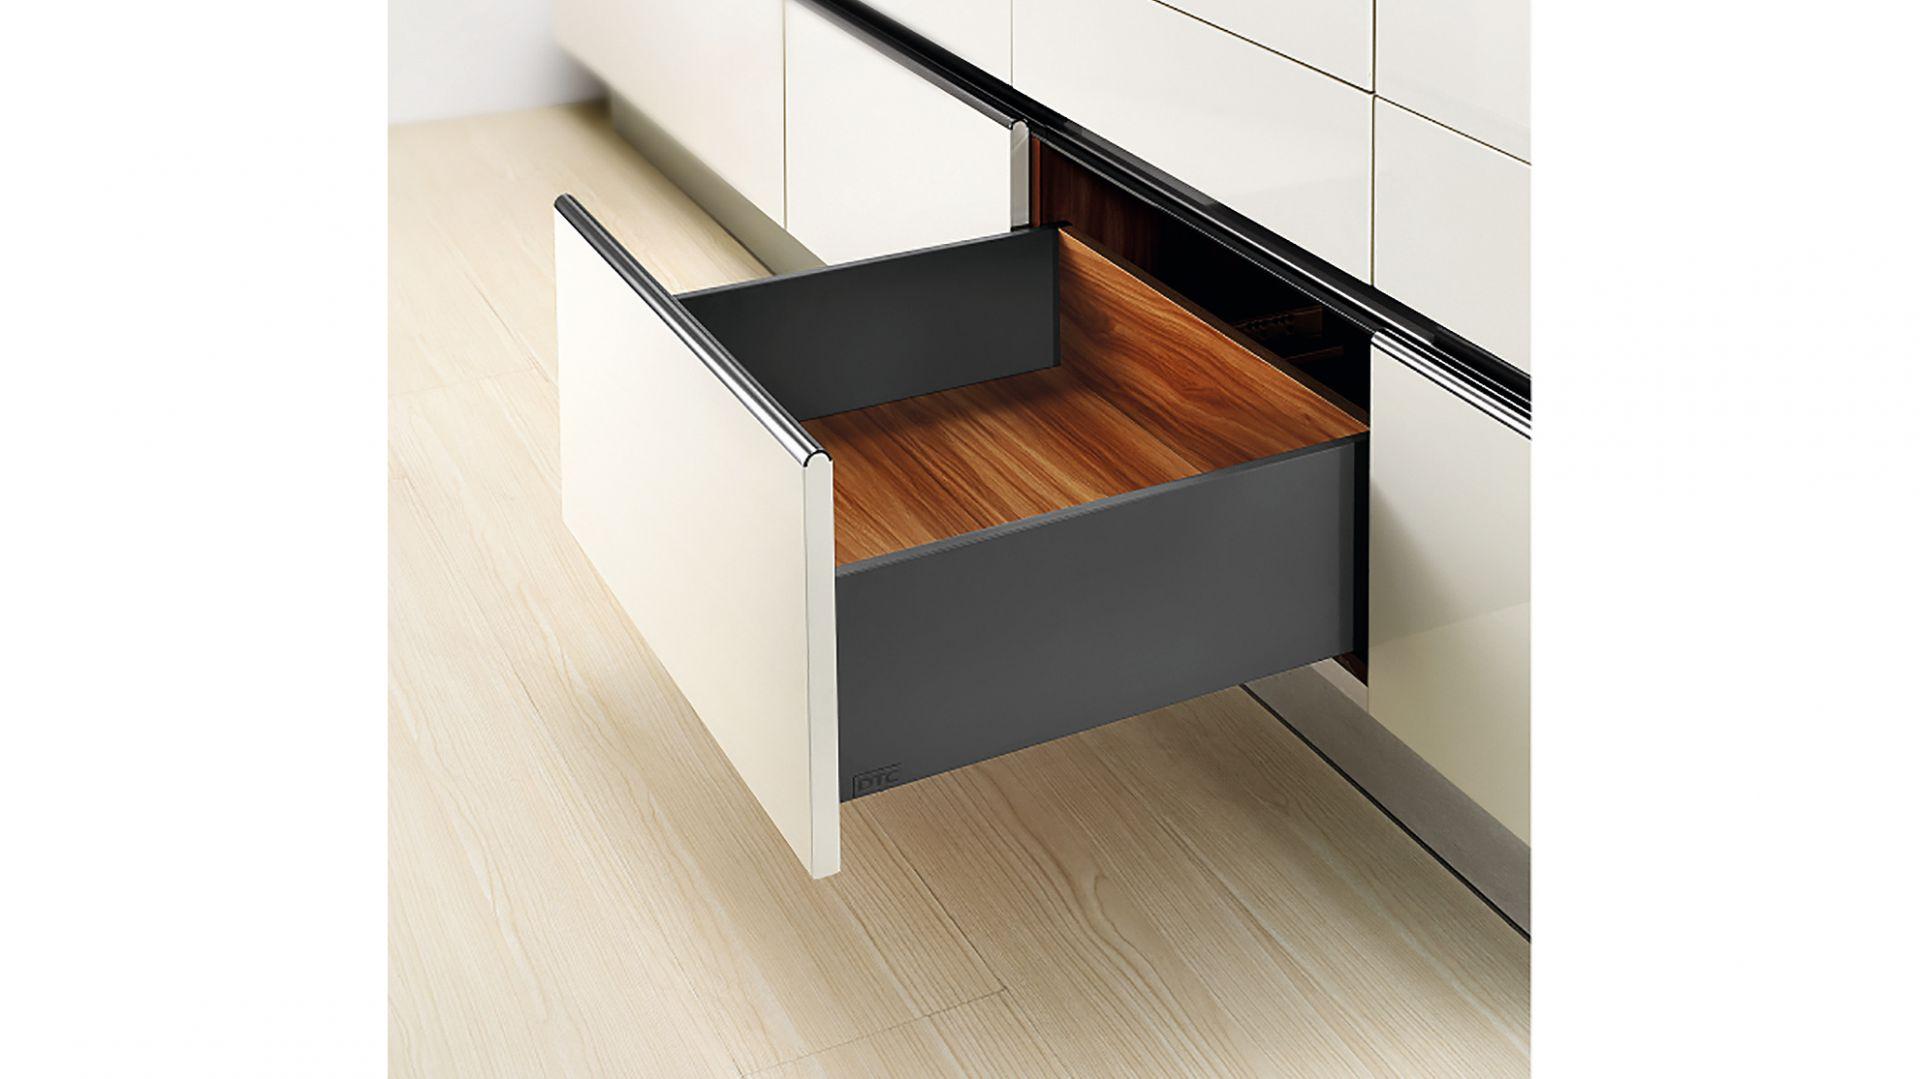 10 SLIM BOX - innowacyjny system szuflad wyposażony w ultracienkie płaszcze boczne charakteryzuje się nowoczesnym oraz gładkim wzornictwem. Zmniejszony rozmiar boków i wysokie obciążenie dynamiczne 40 kg. Fot. Amix